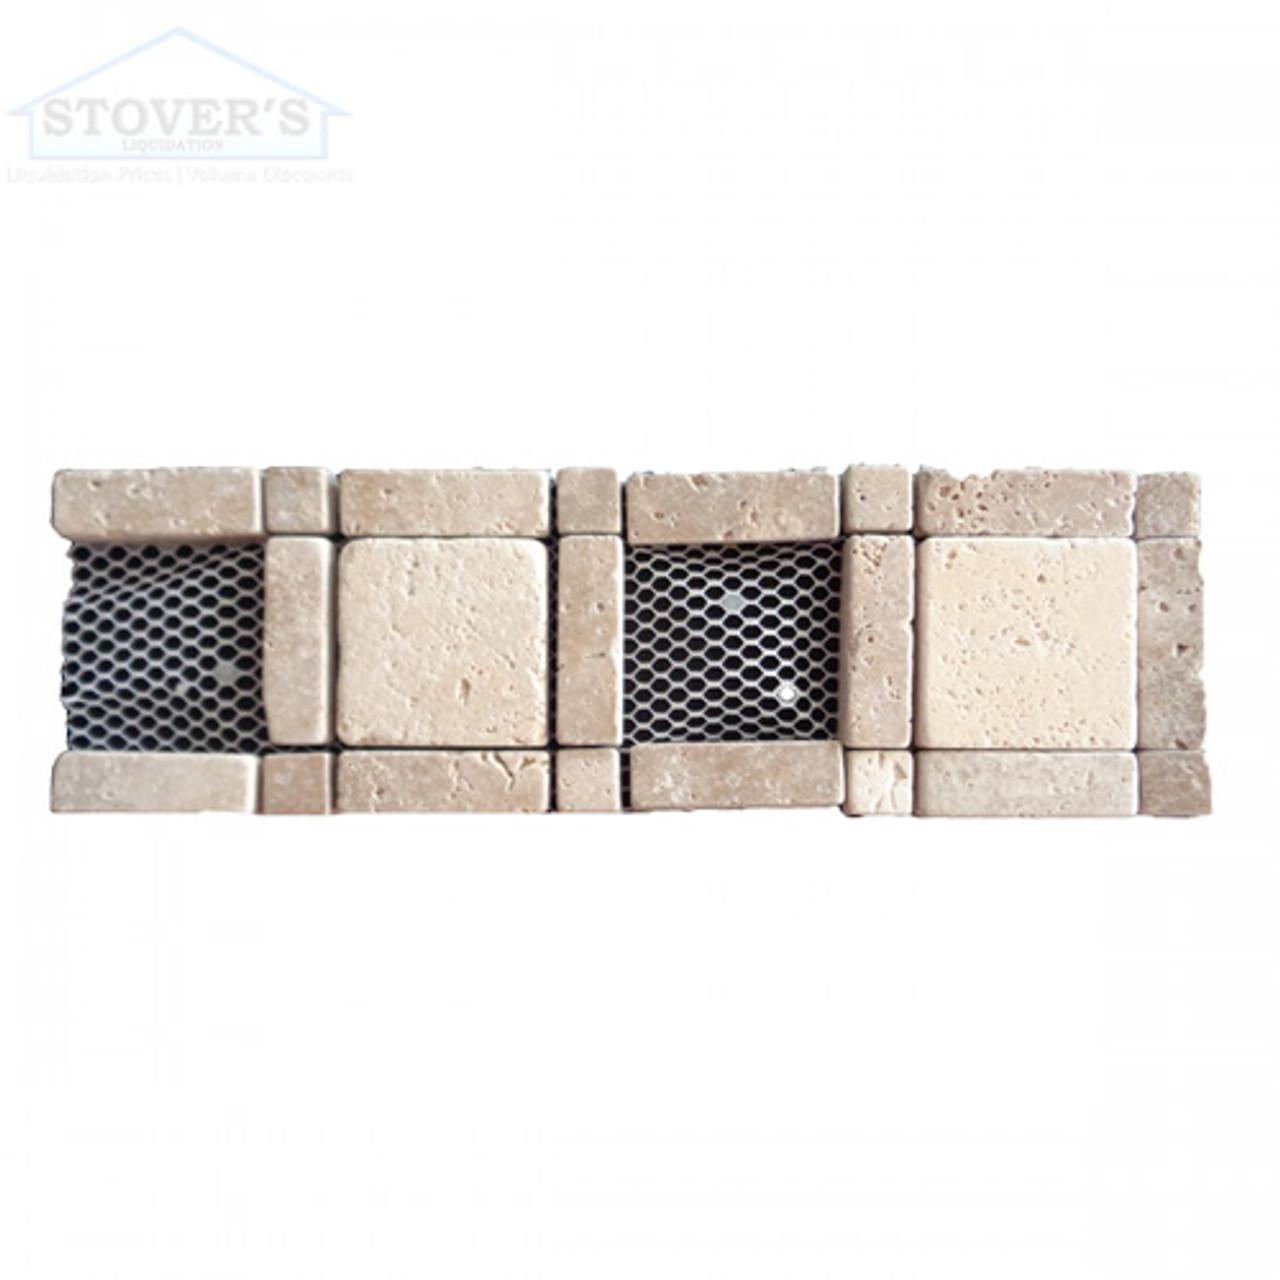 Noce Chiaro Component 4x12   Stone Deco   RCL0001